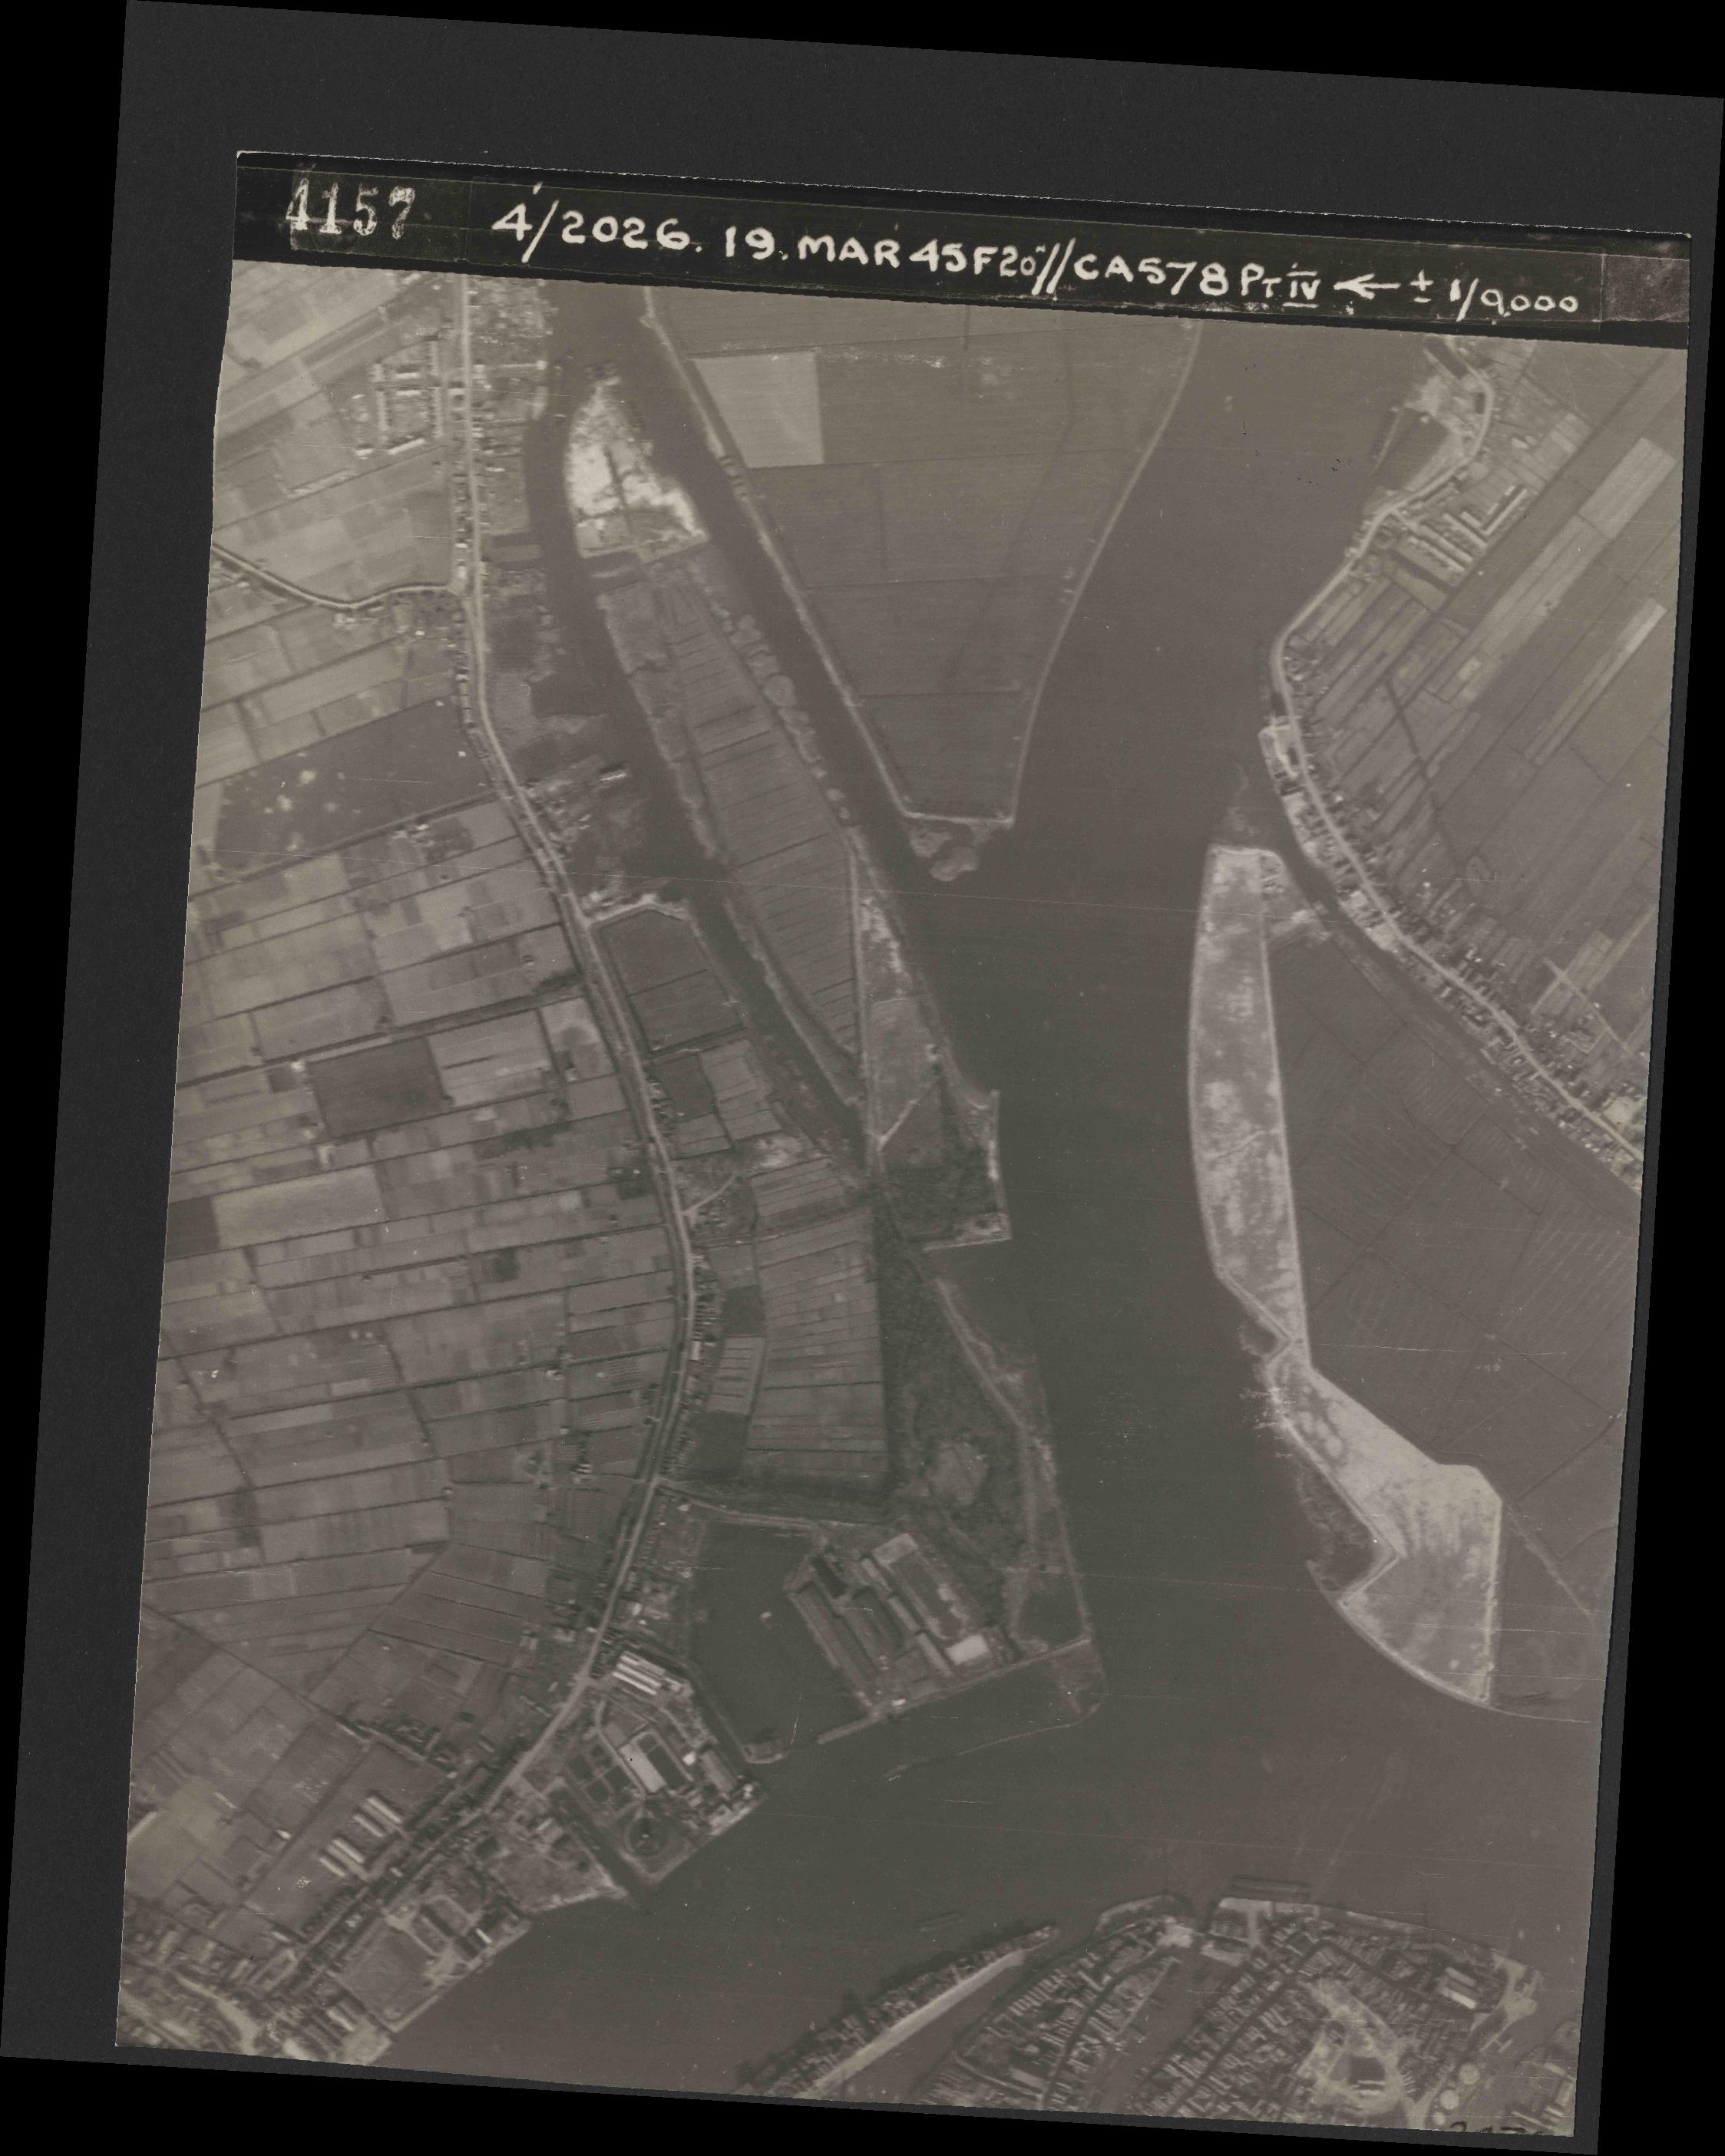 Collection RAF aerial photos 1940-1945 - flight 012, run 05, photo 4157